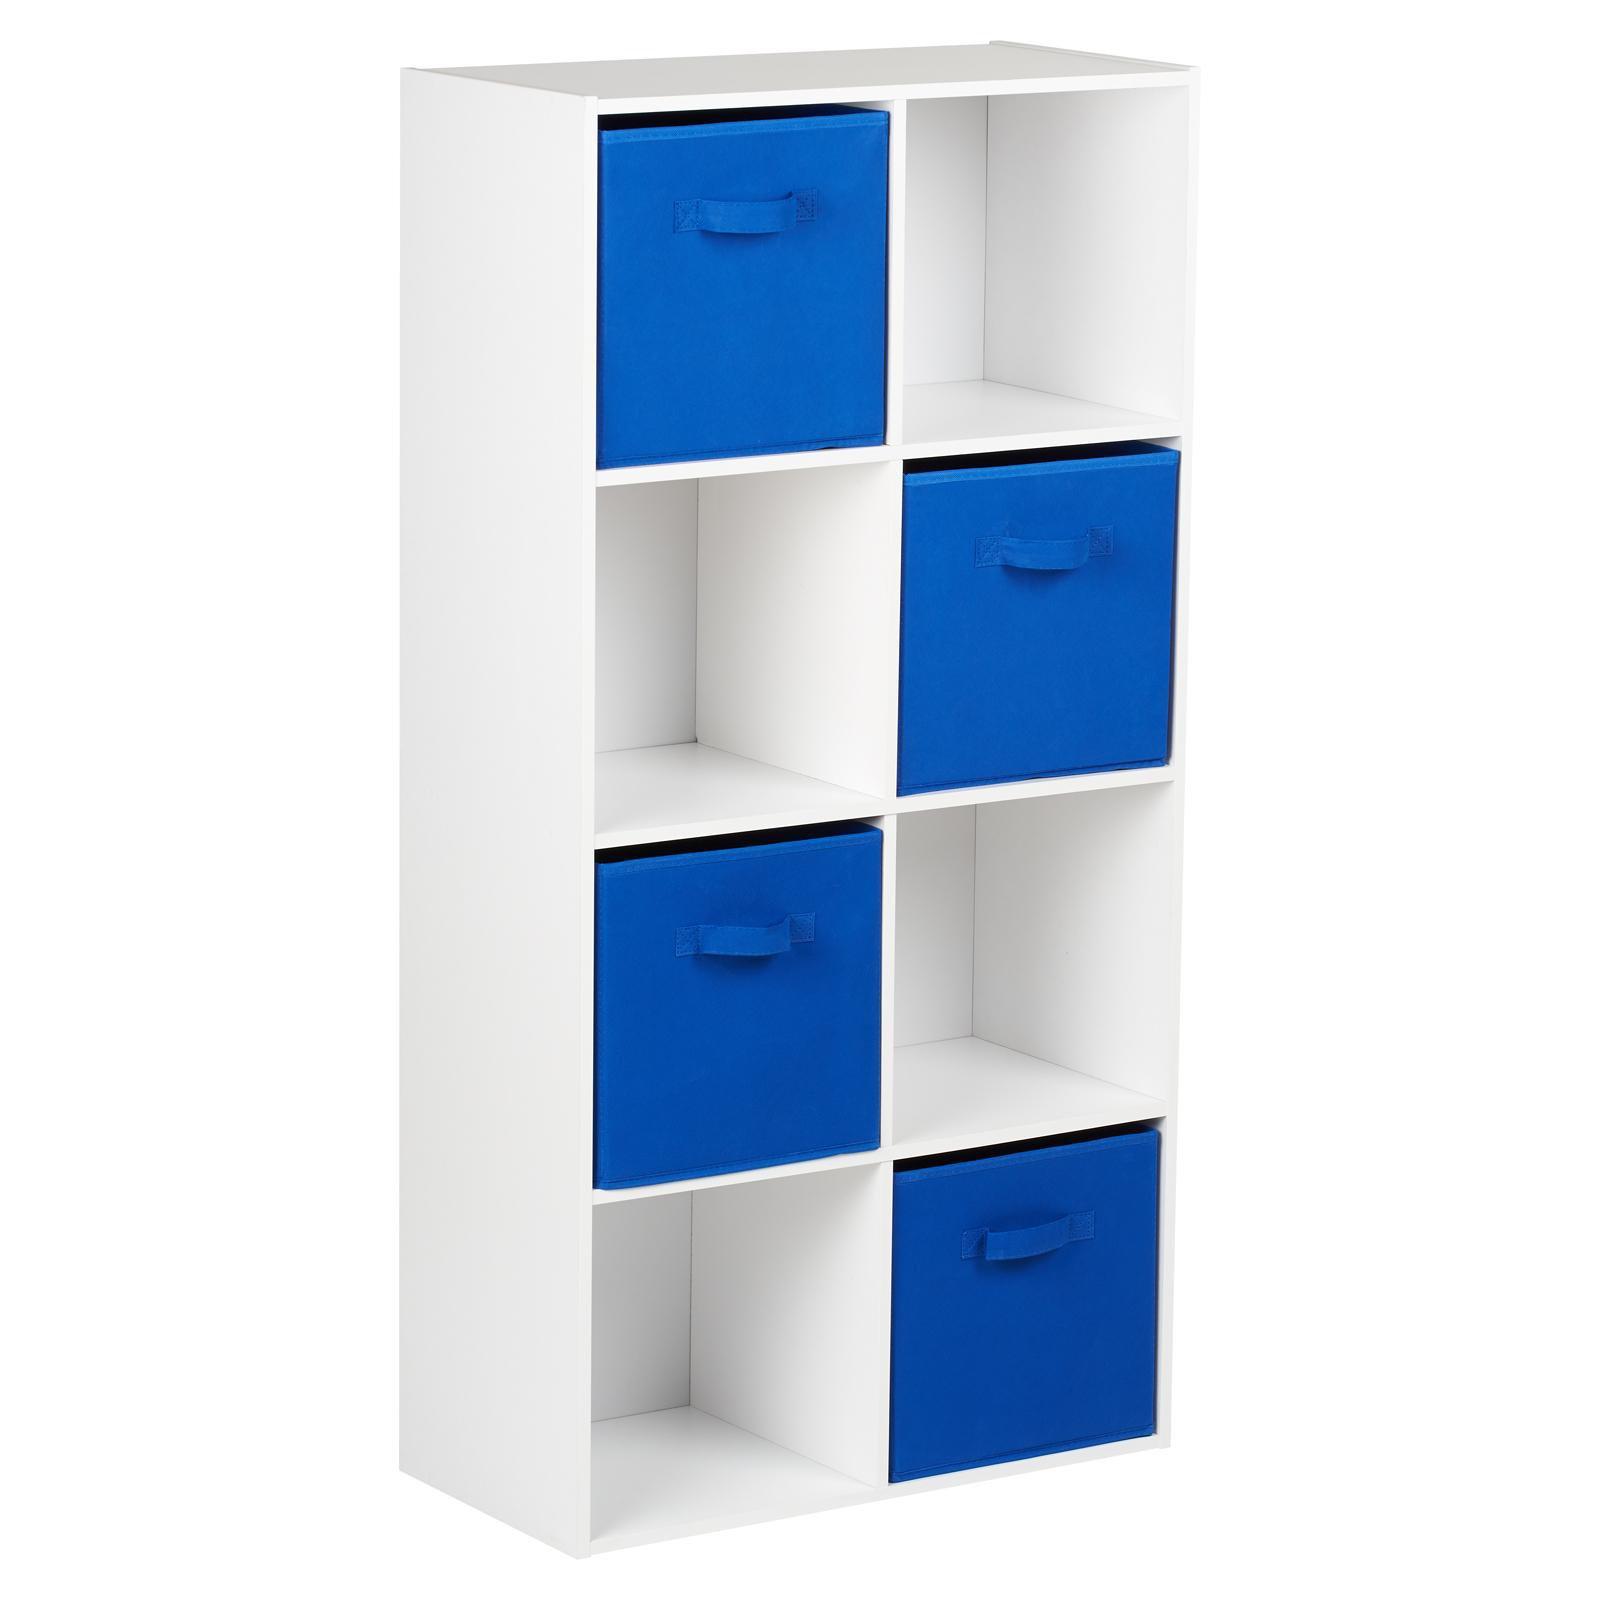 image-Hartleys White 8 Cube Storage Unit & 4 Blue Handled Box Drawers